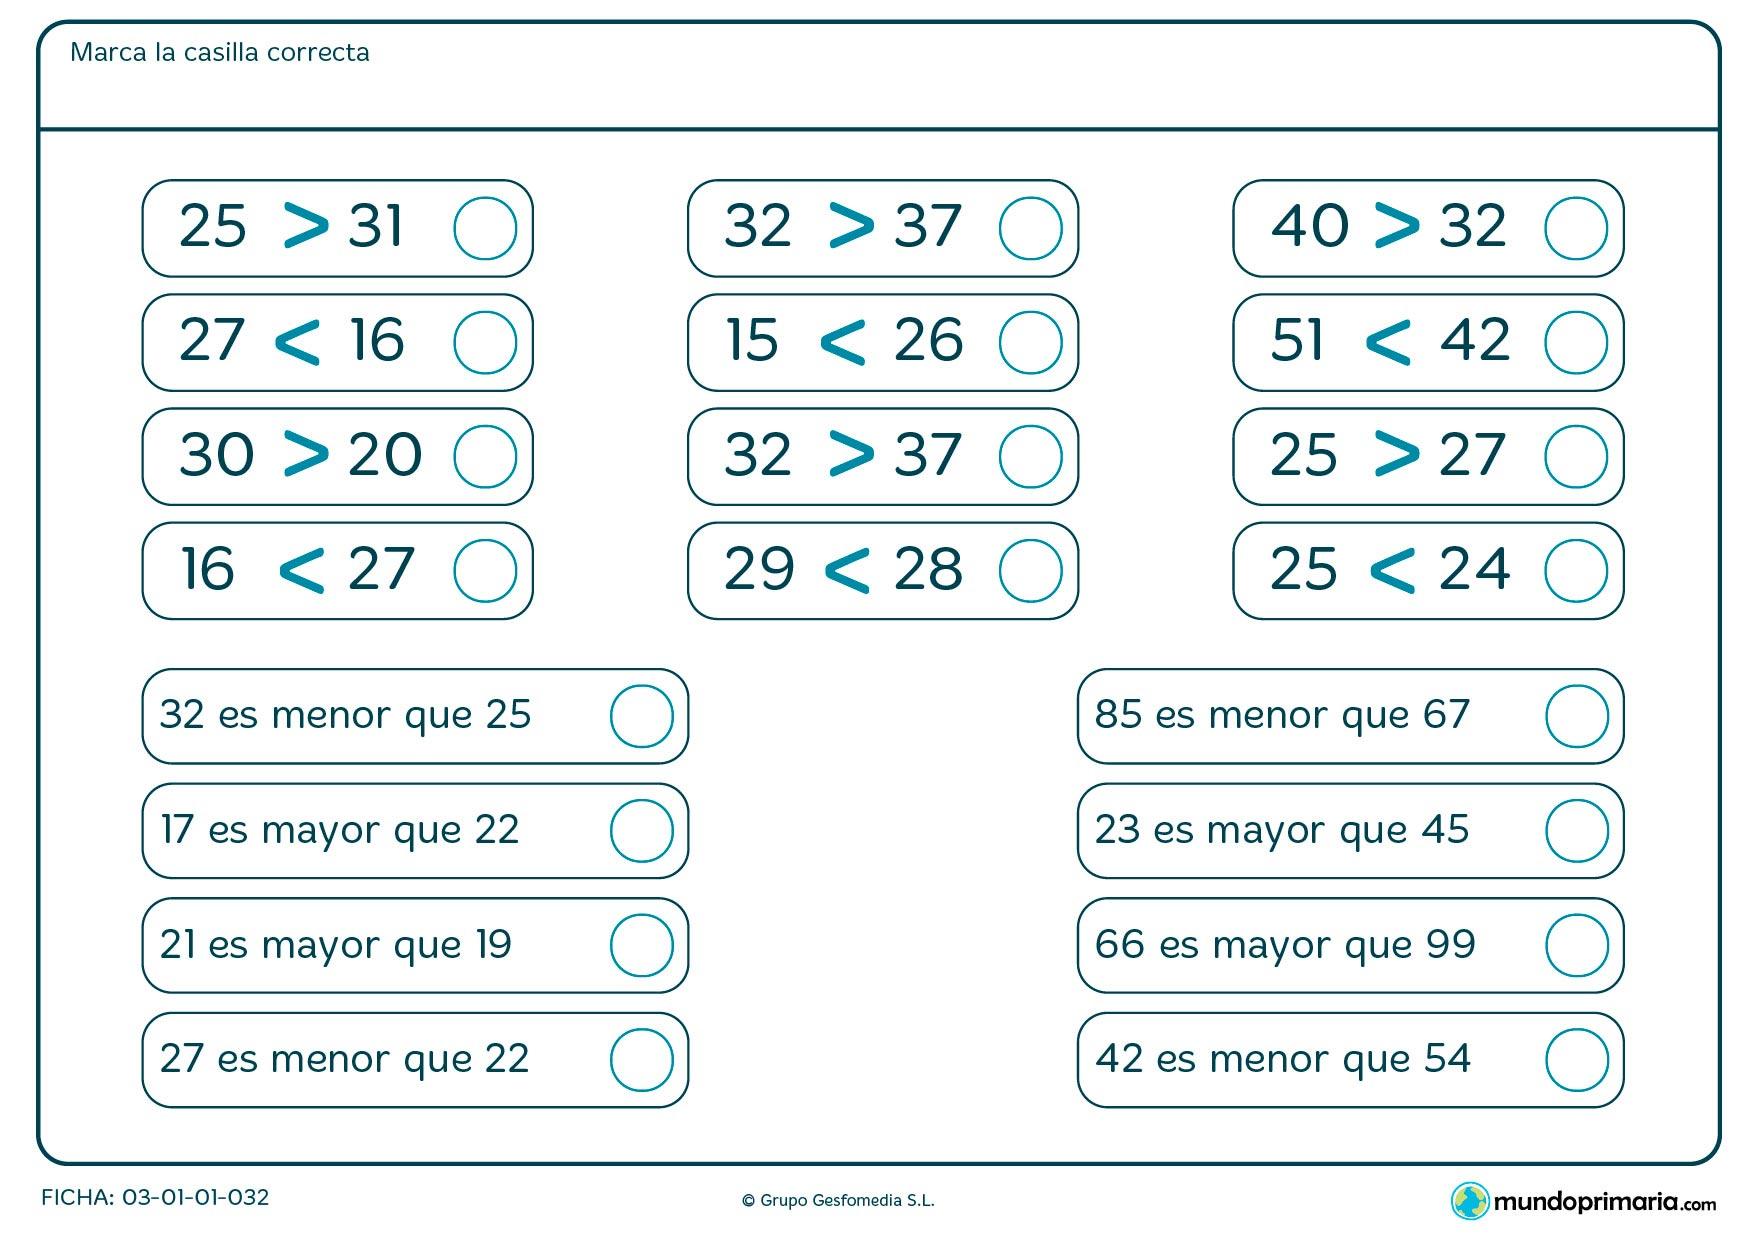 Ficha de marcar las casillas correctas en la que hay que ver qué número es mayor o menor.